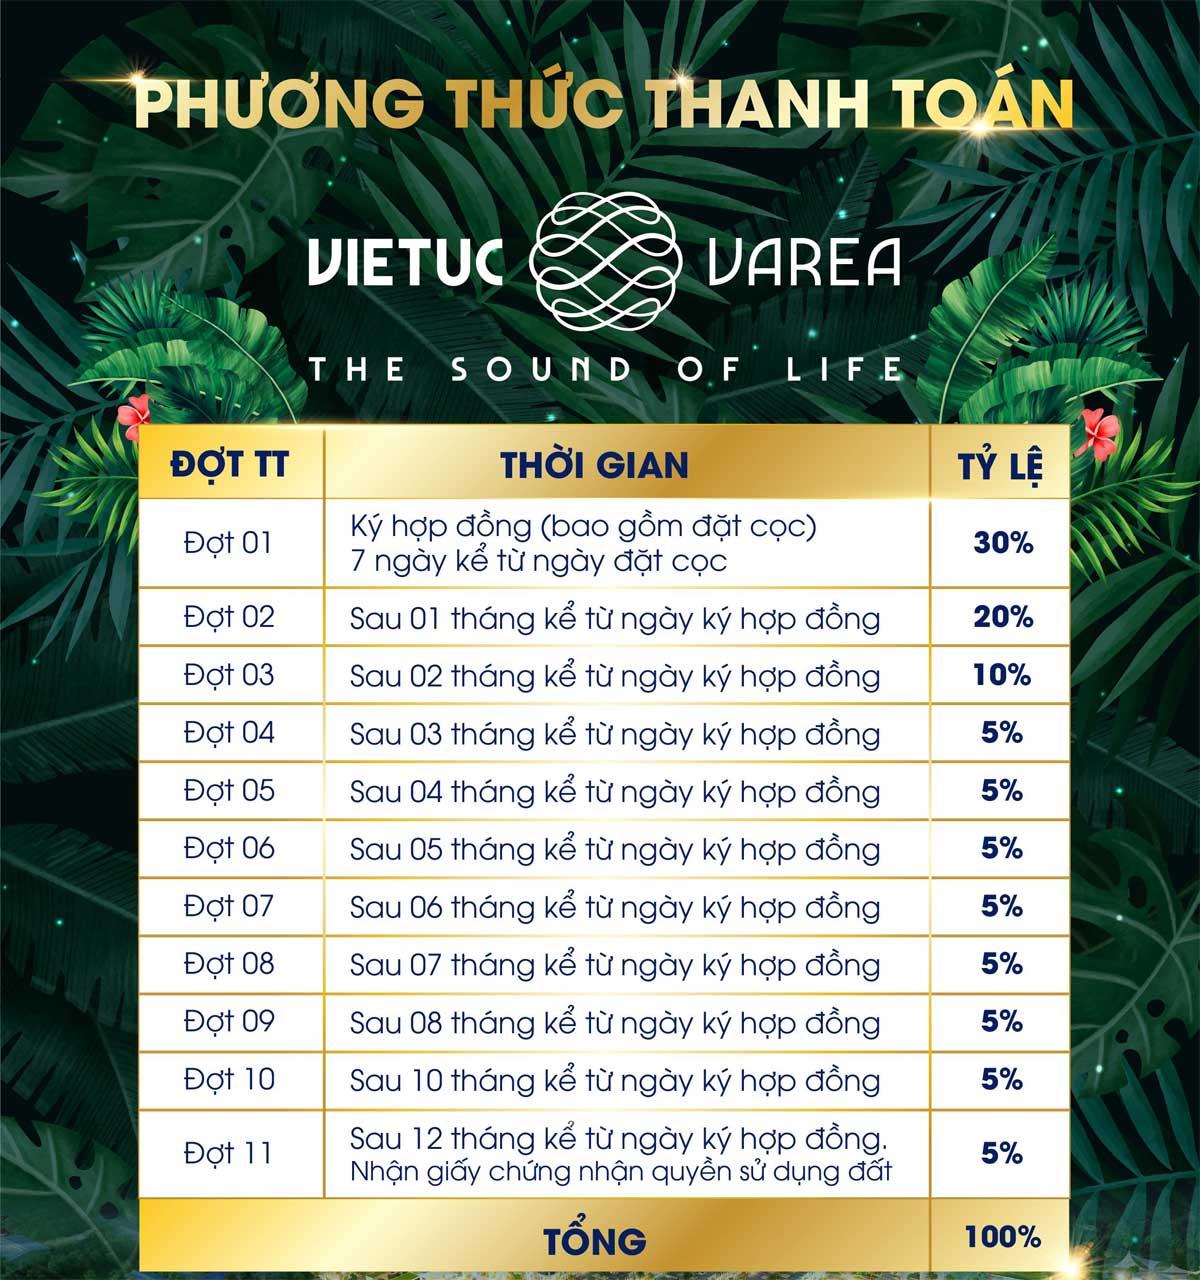 Phương thức thanh toán dự án VietUc Varea Long An